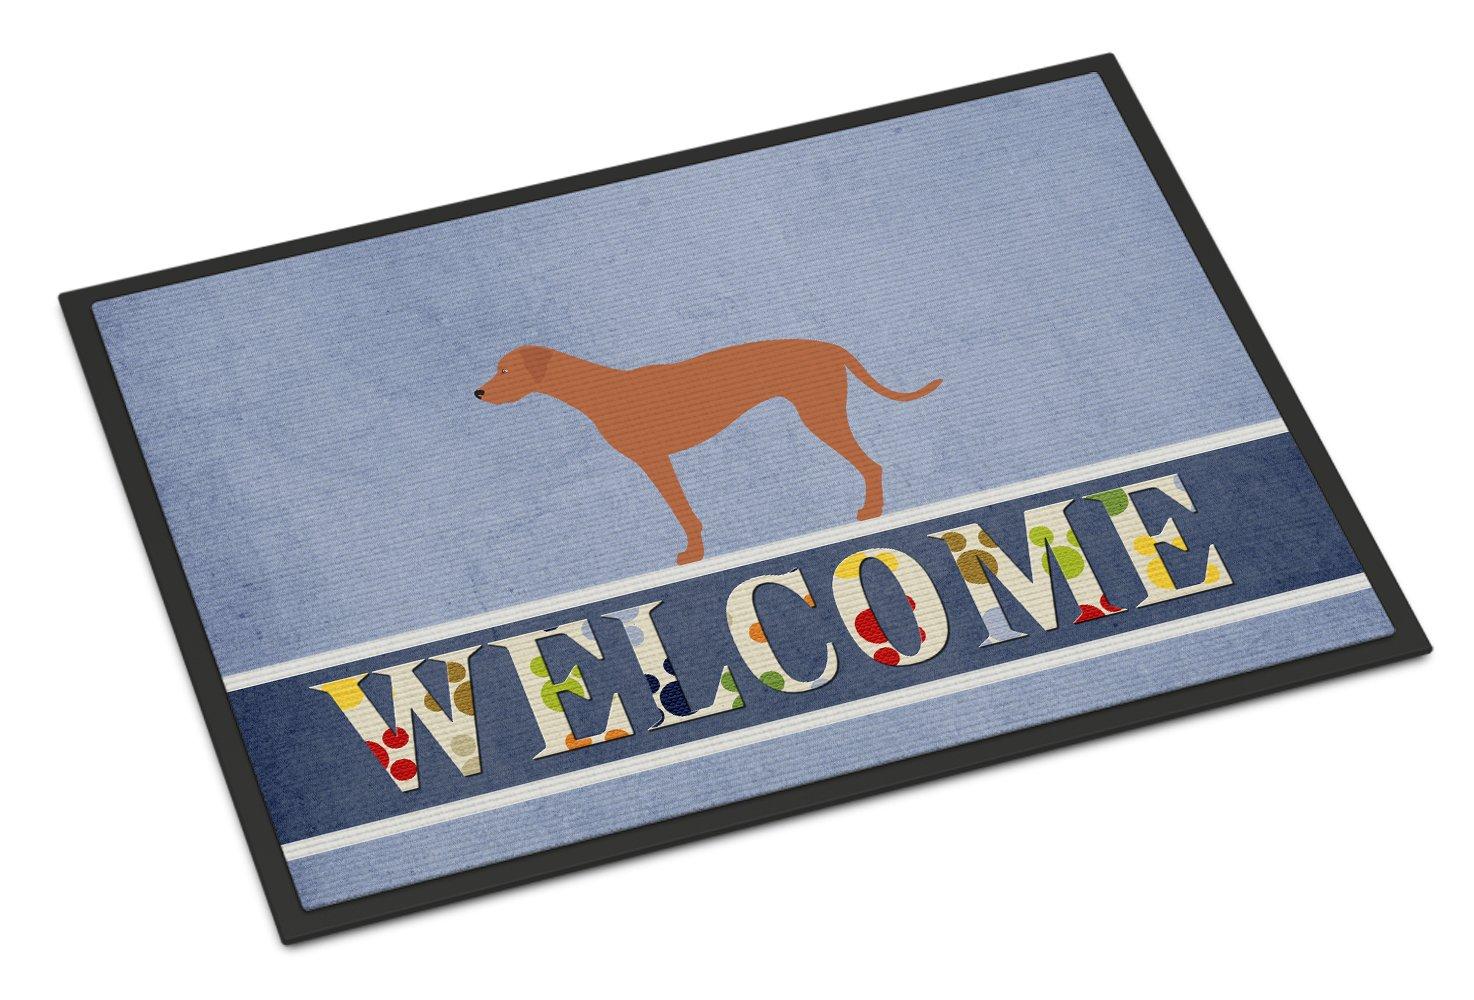 Carolines Treasures Old English Sheepdog Bobtail Doormat 24 x 36 Multicolor